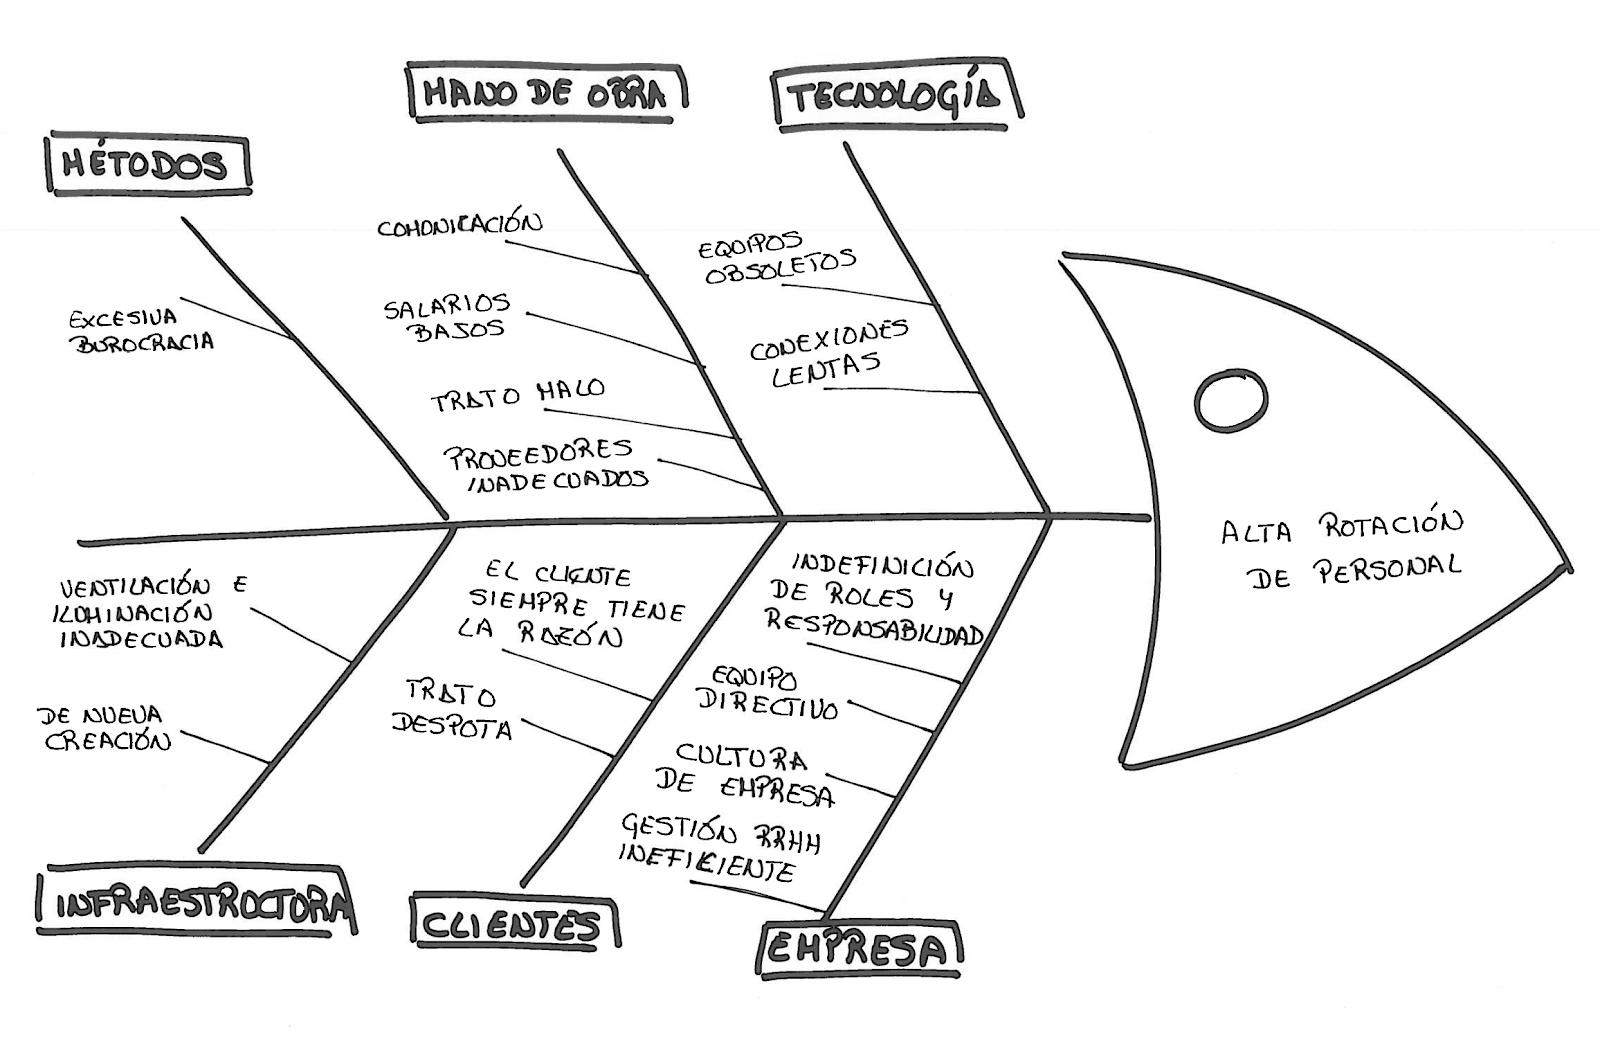 El-diagrama-de-shikawa-biworking-emprendimiento-bilbao-tecnología-empresas-productivo-startups